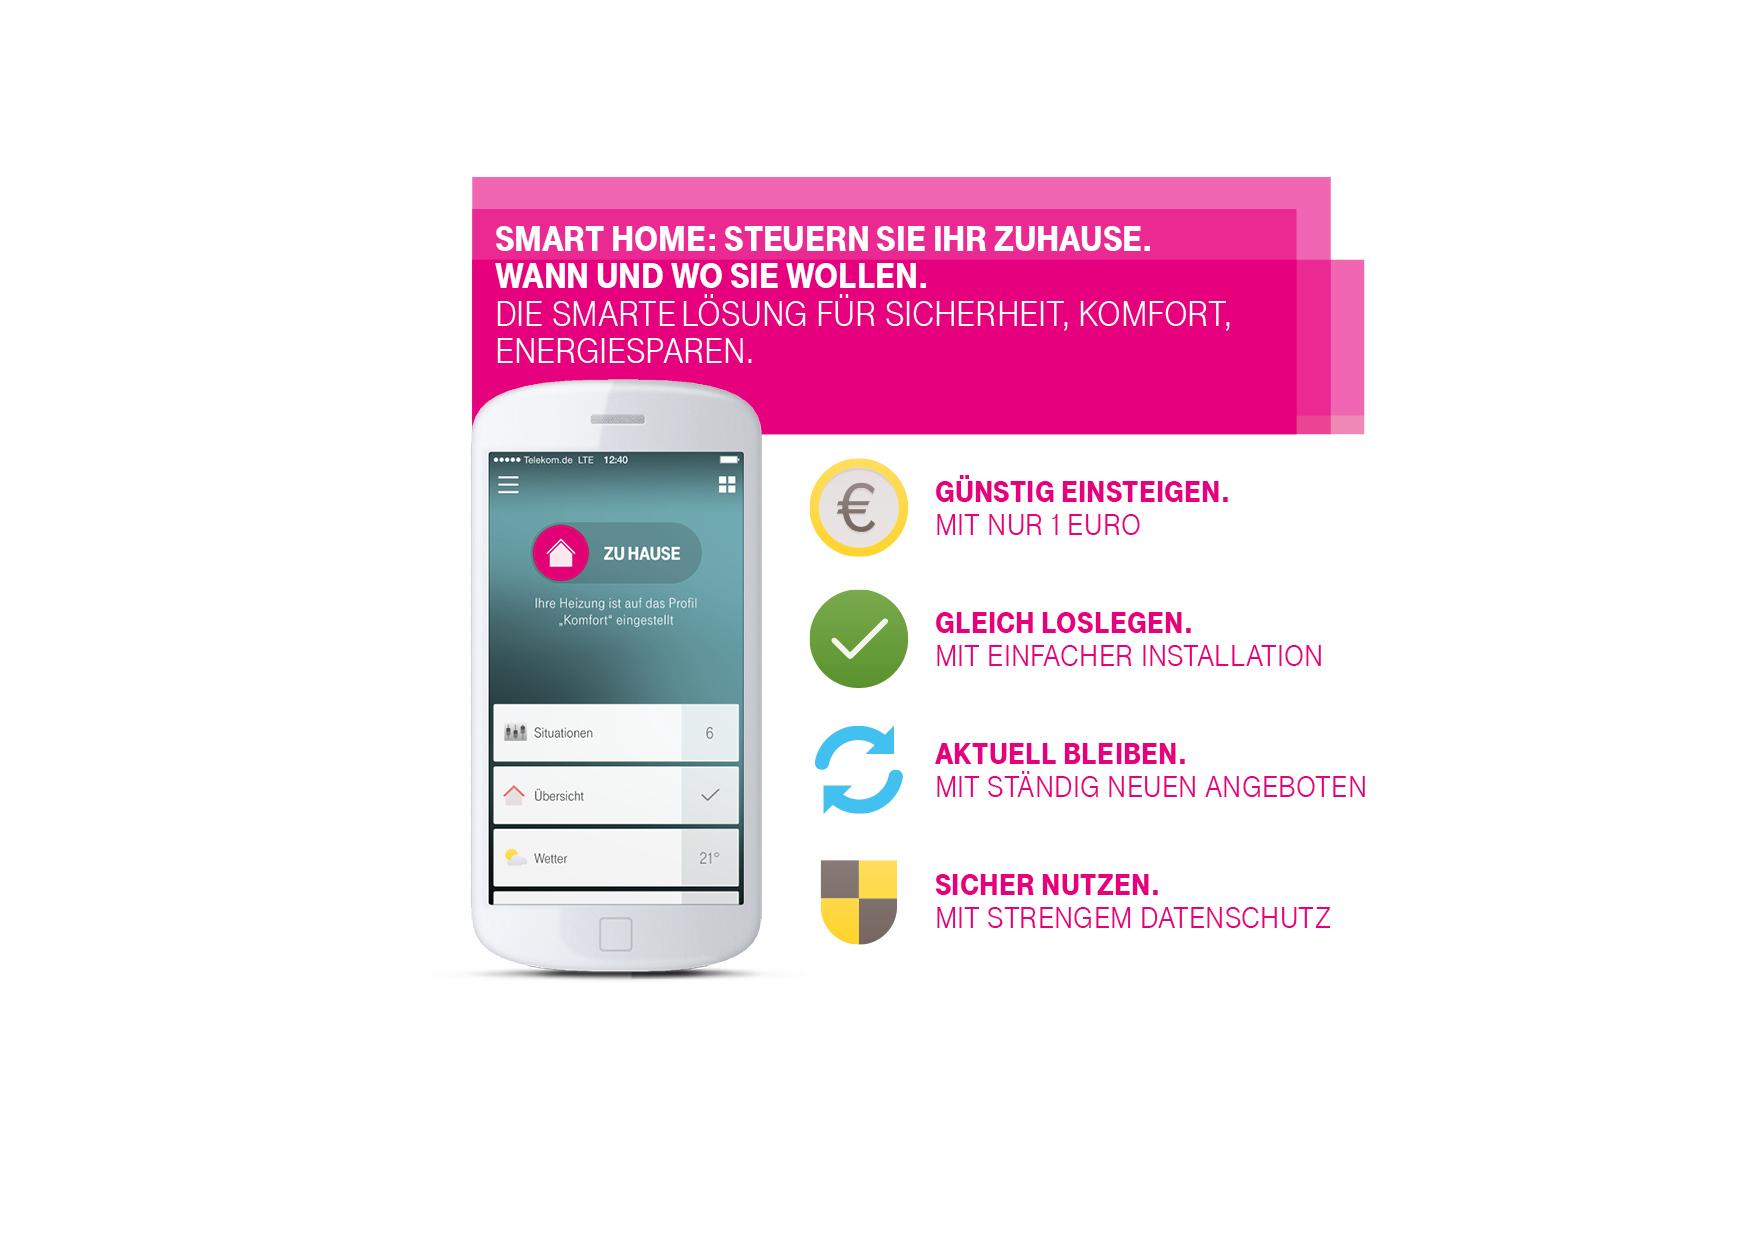 telekom bietet g nstigen einstieg in smart home deutsche telekom. Black Bedroom Furniture Sets. Home Design Ideas